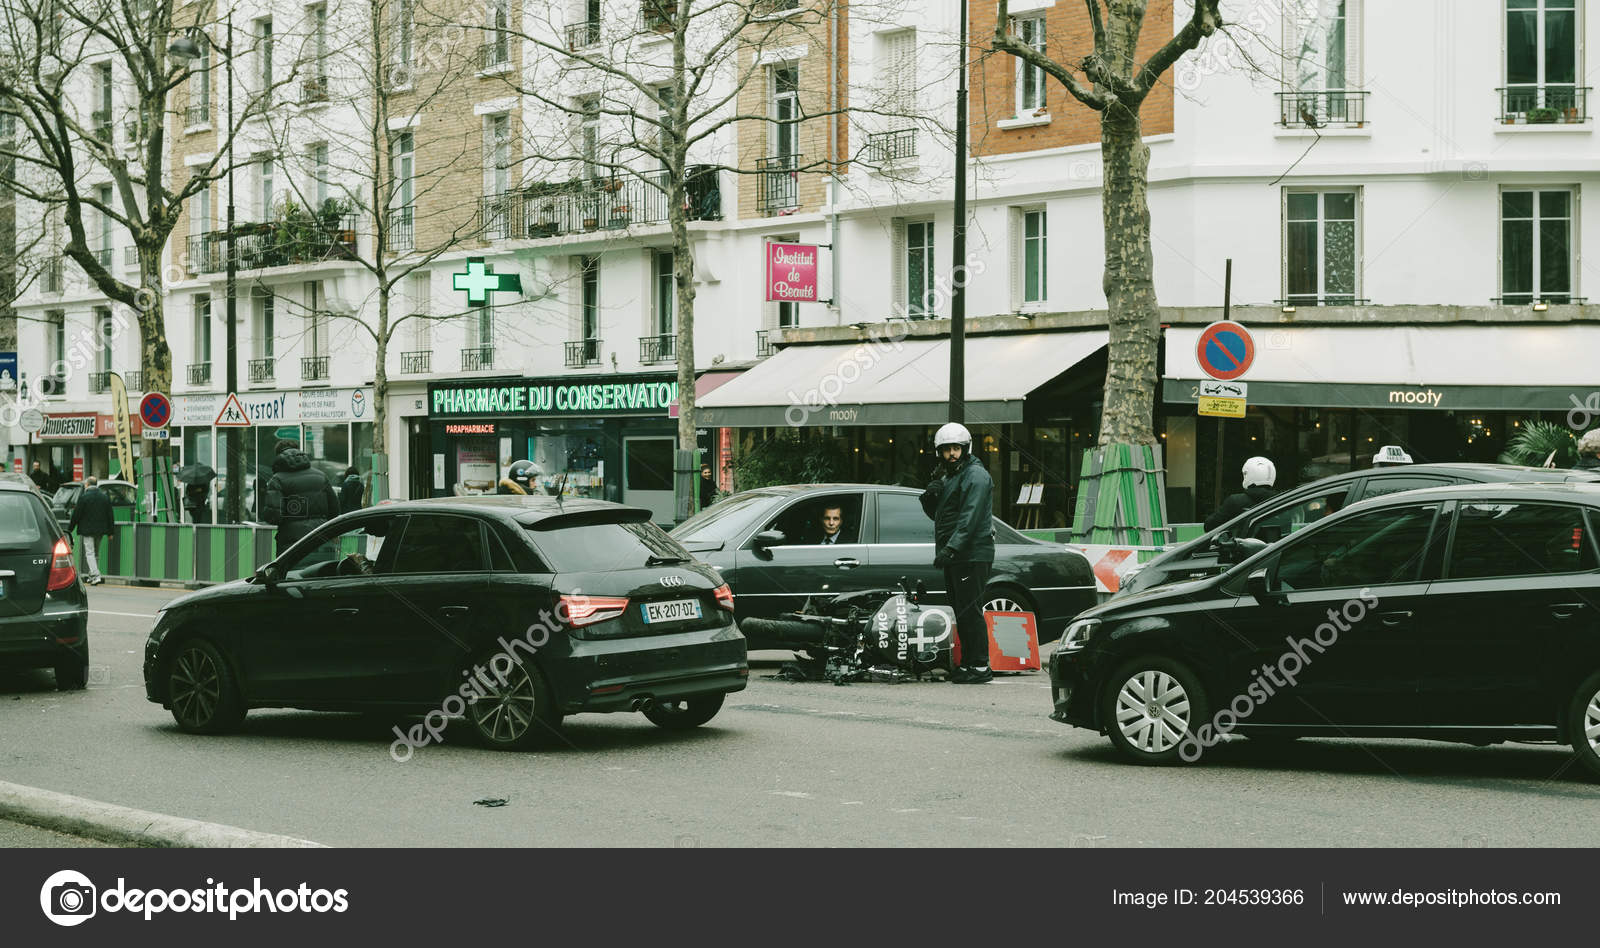 Auto Ongeluk Op De Parijse Straat Tussen Luxe Limousine Lancia Th